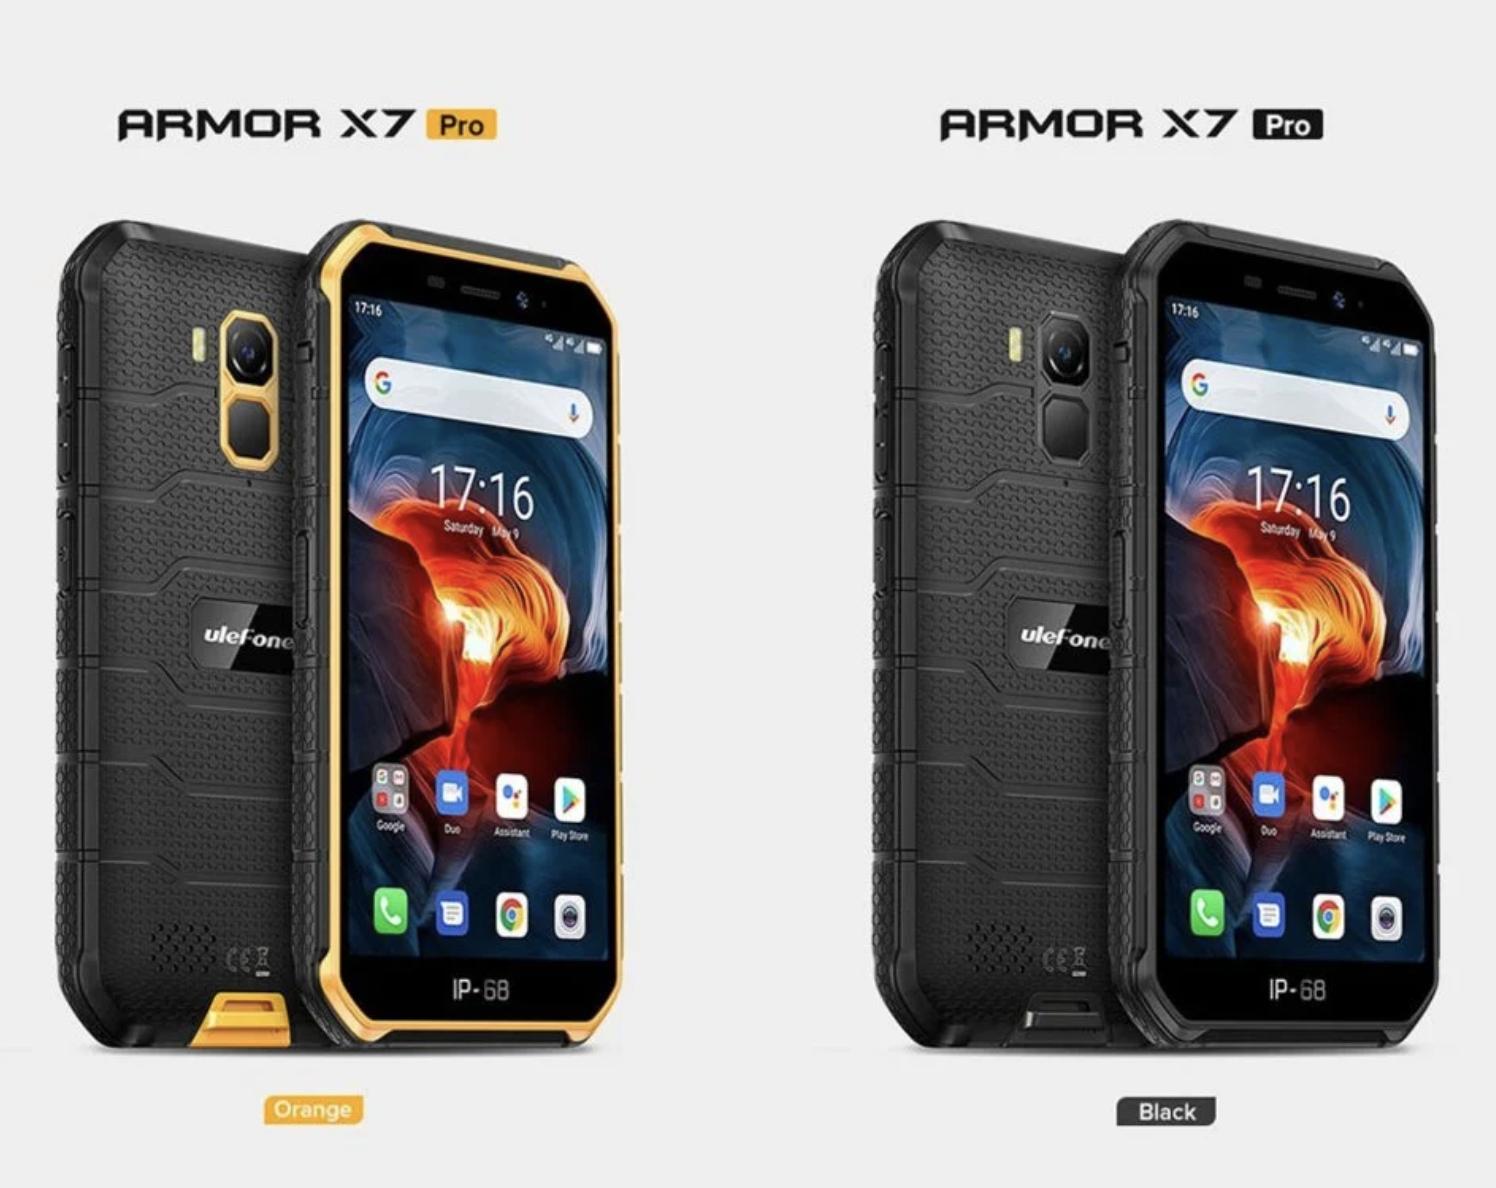 Ulefone Armor X7 Pro mit Android10 / 4GB RAM / wasserdicht / ip68 / NFC / 4G LTE 2.4G/5G WLAN